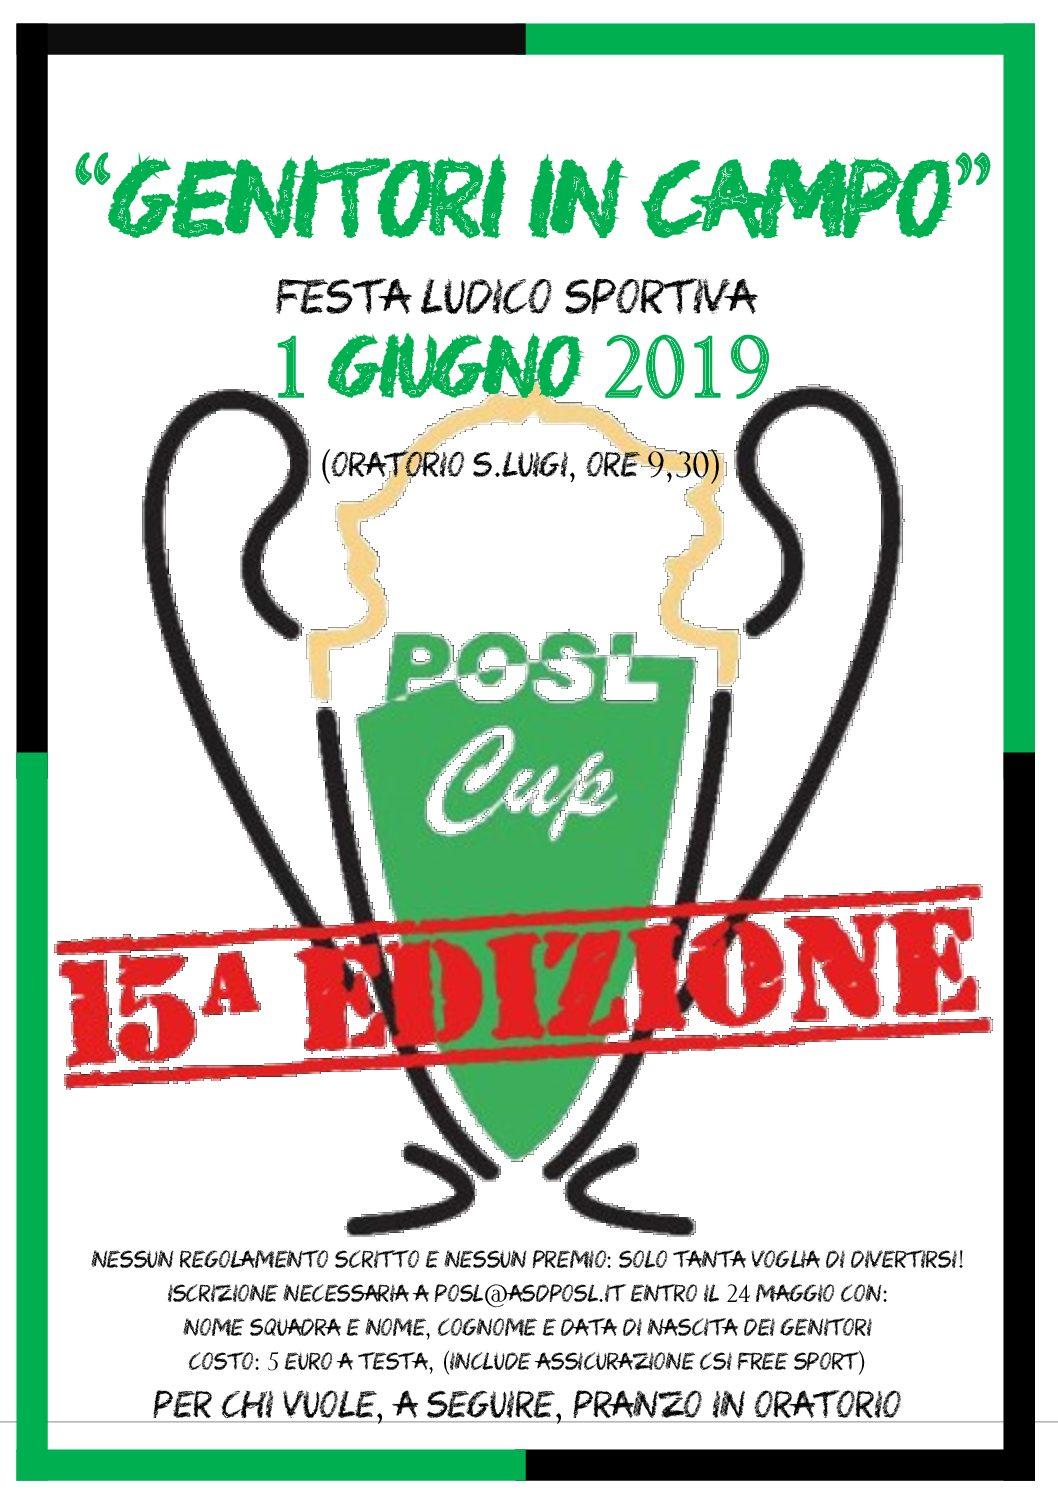 POSL CUP 2019: torna  GENITORI IN CAMPO!!!